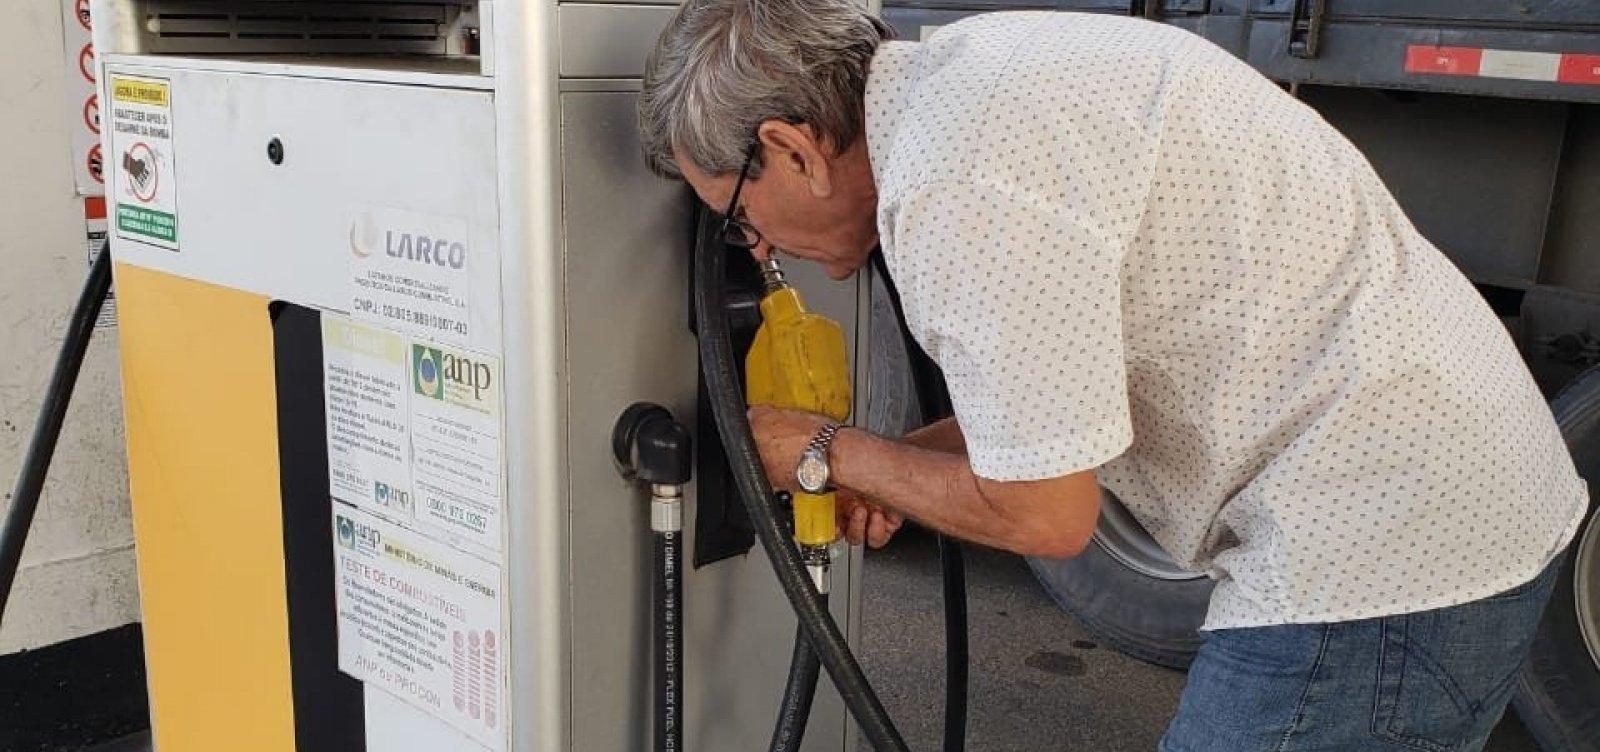 Laudo do DPT encontra 96% de etanol em gasolina vendida em Vitória da Conquista